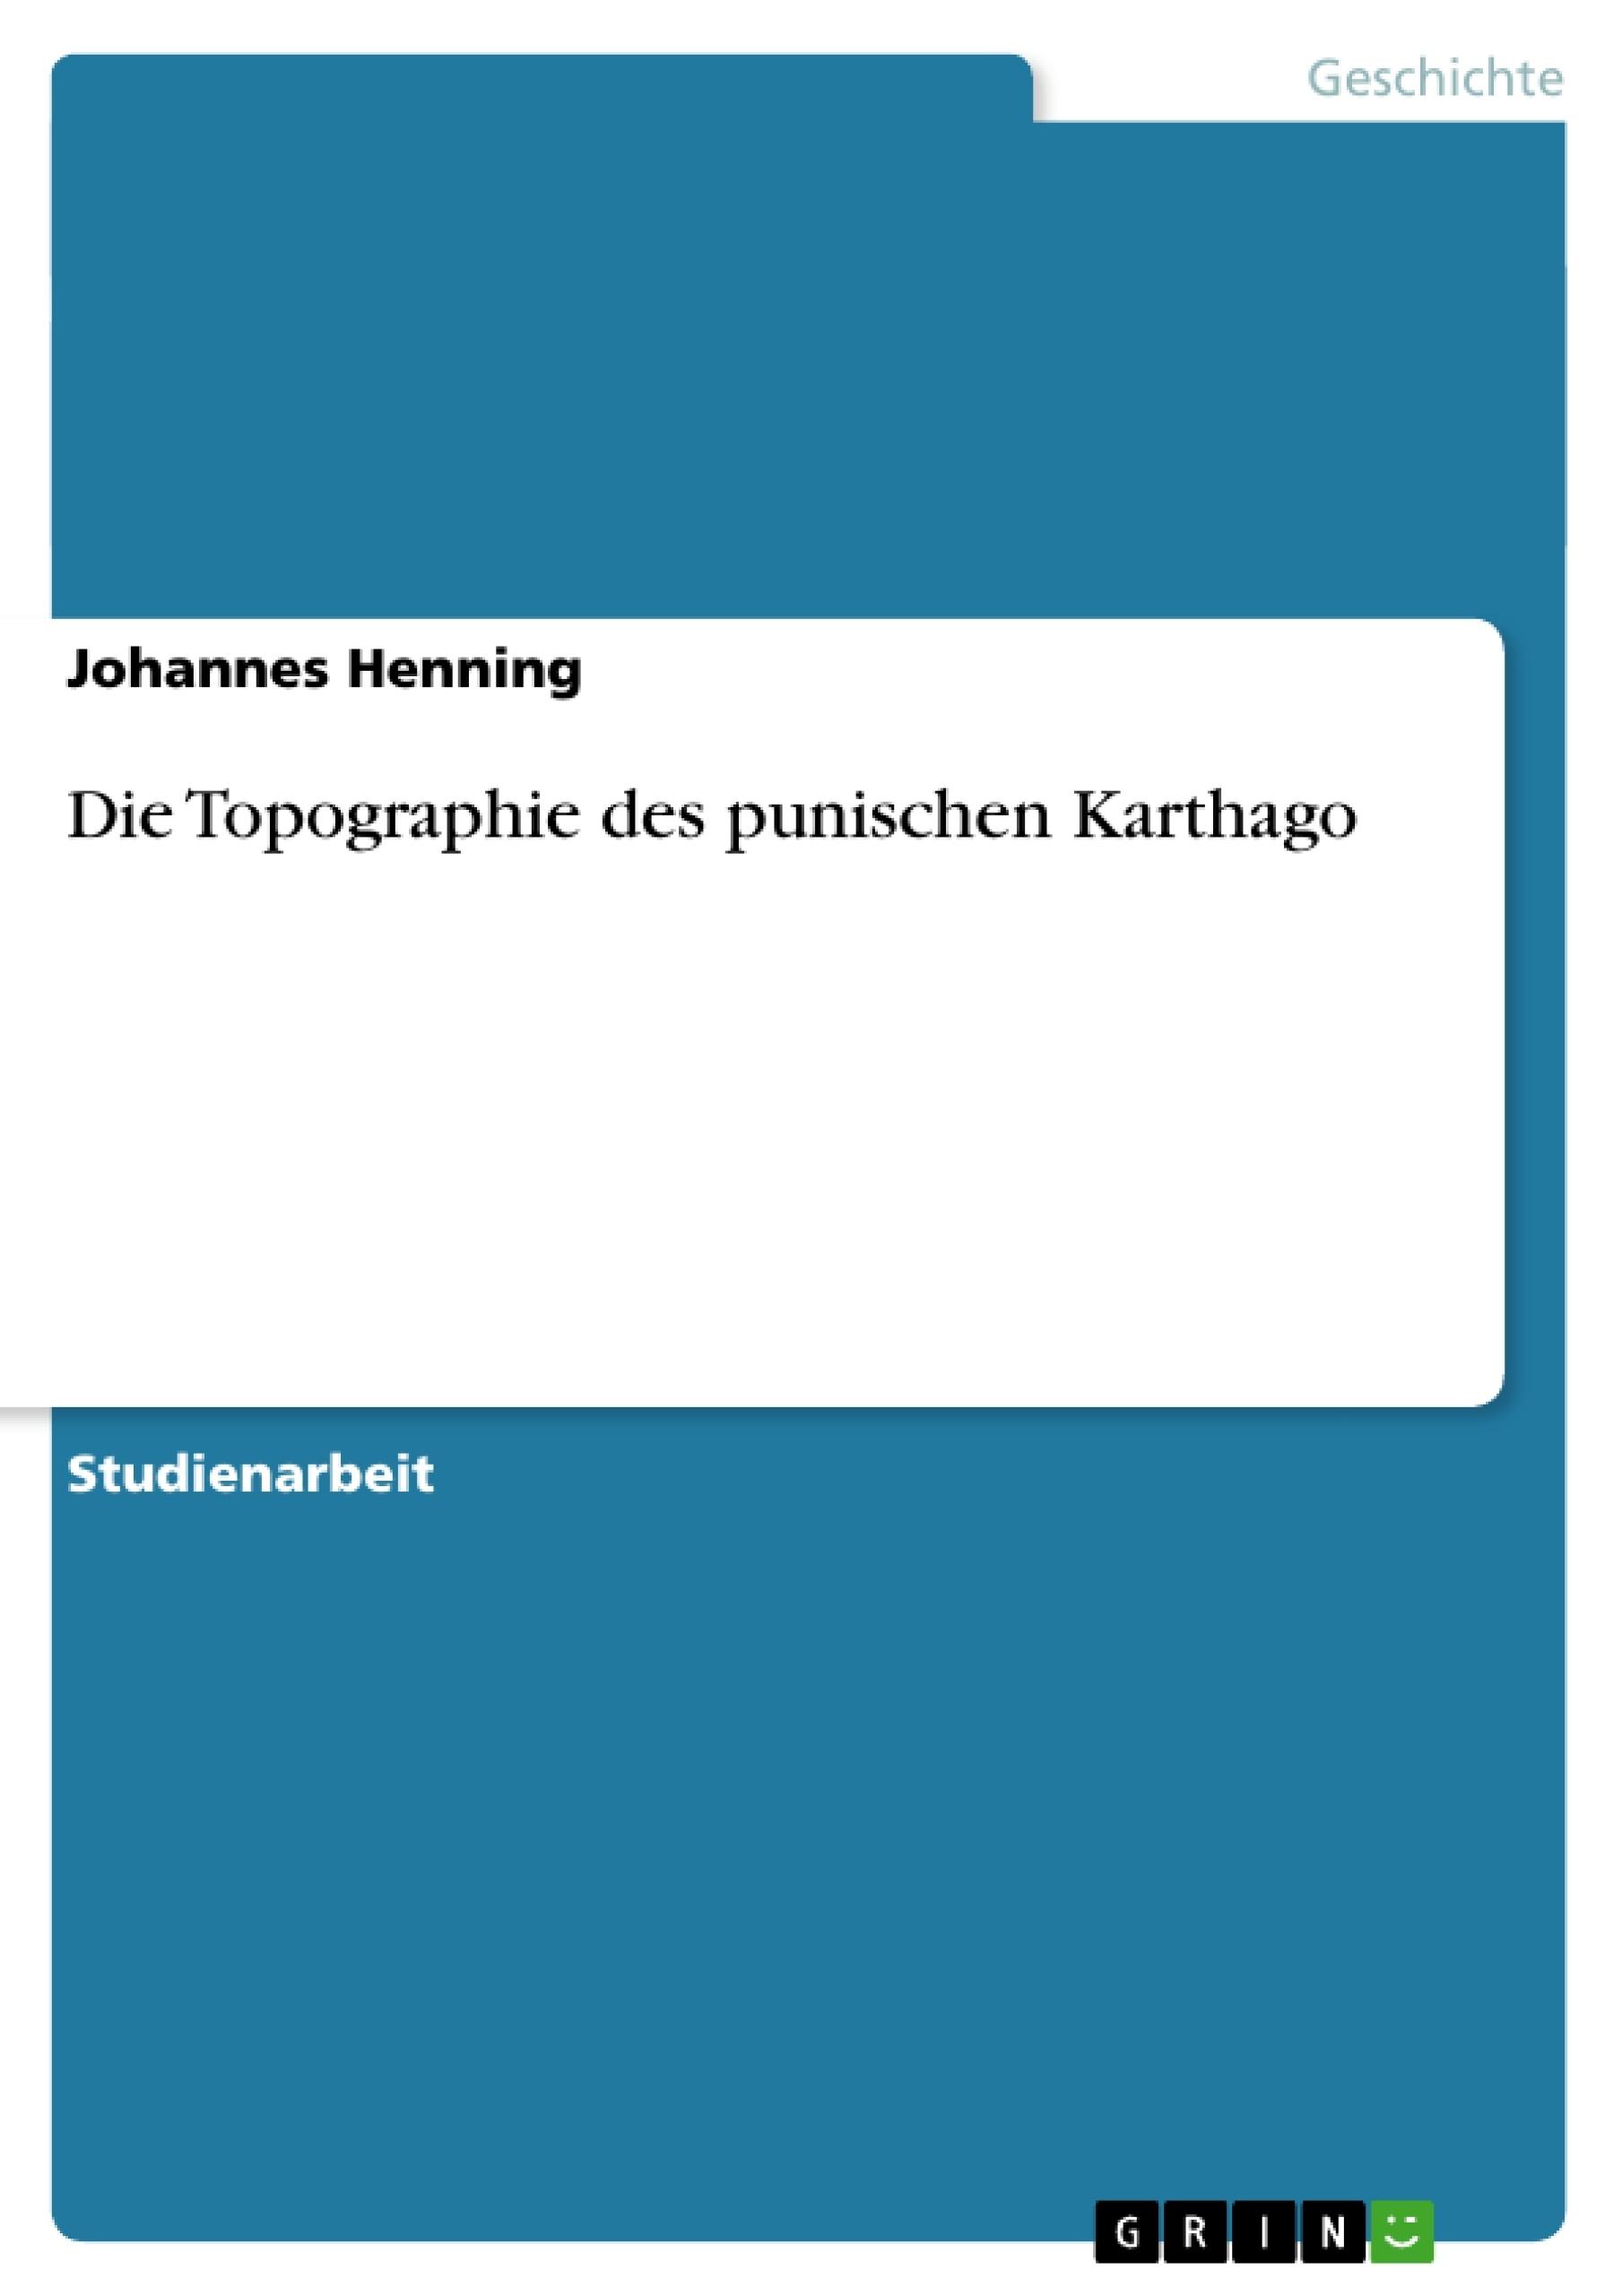 Titel: Die Topographie des punischen Karthago